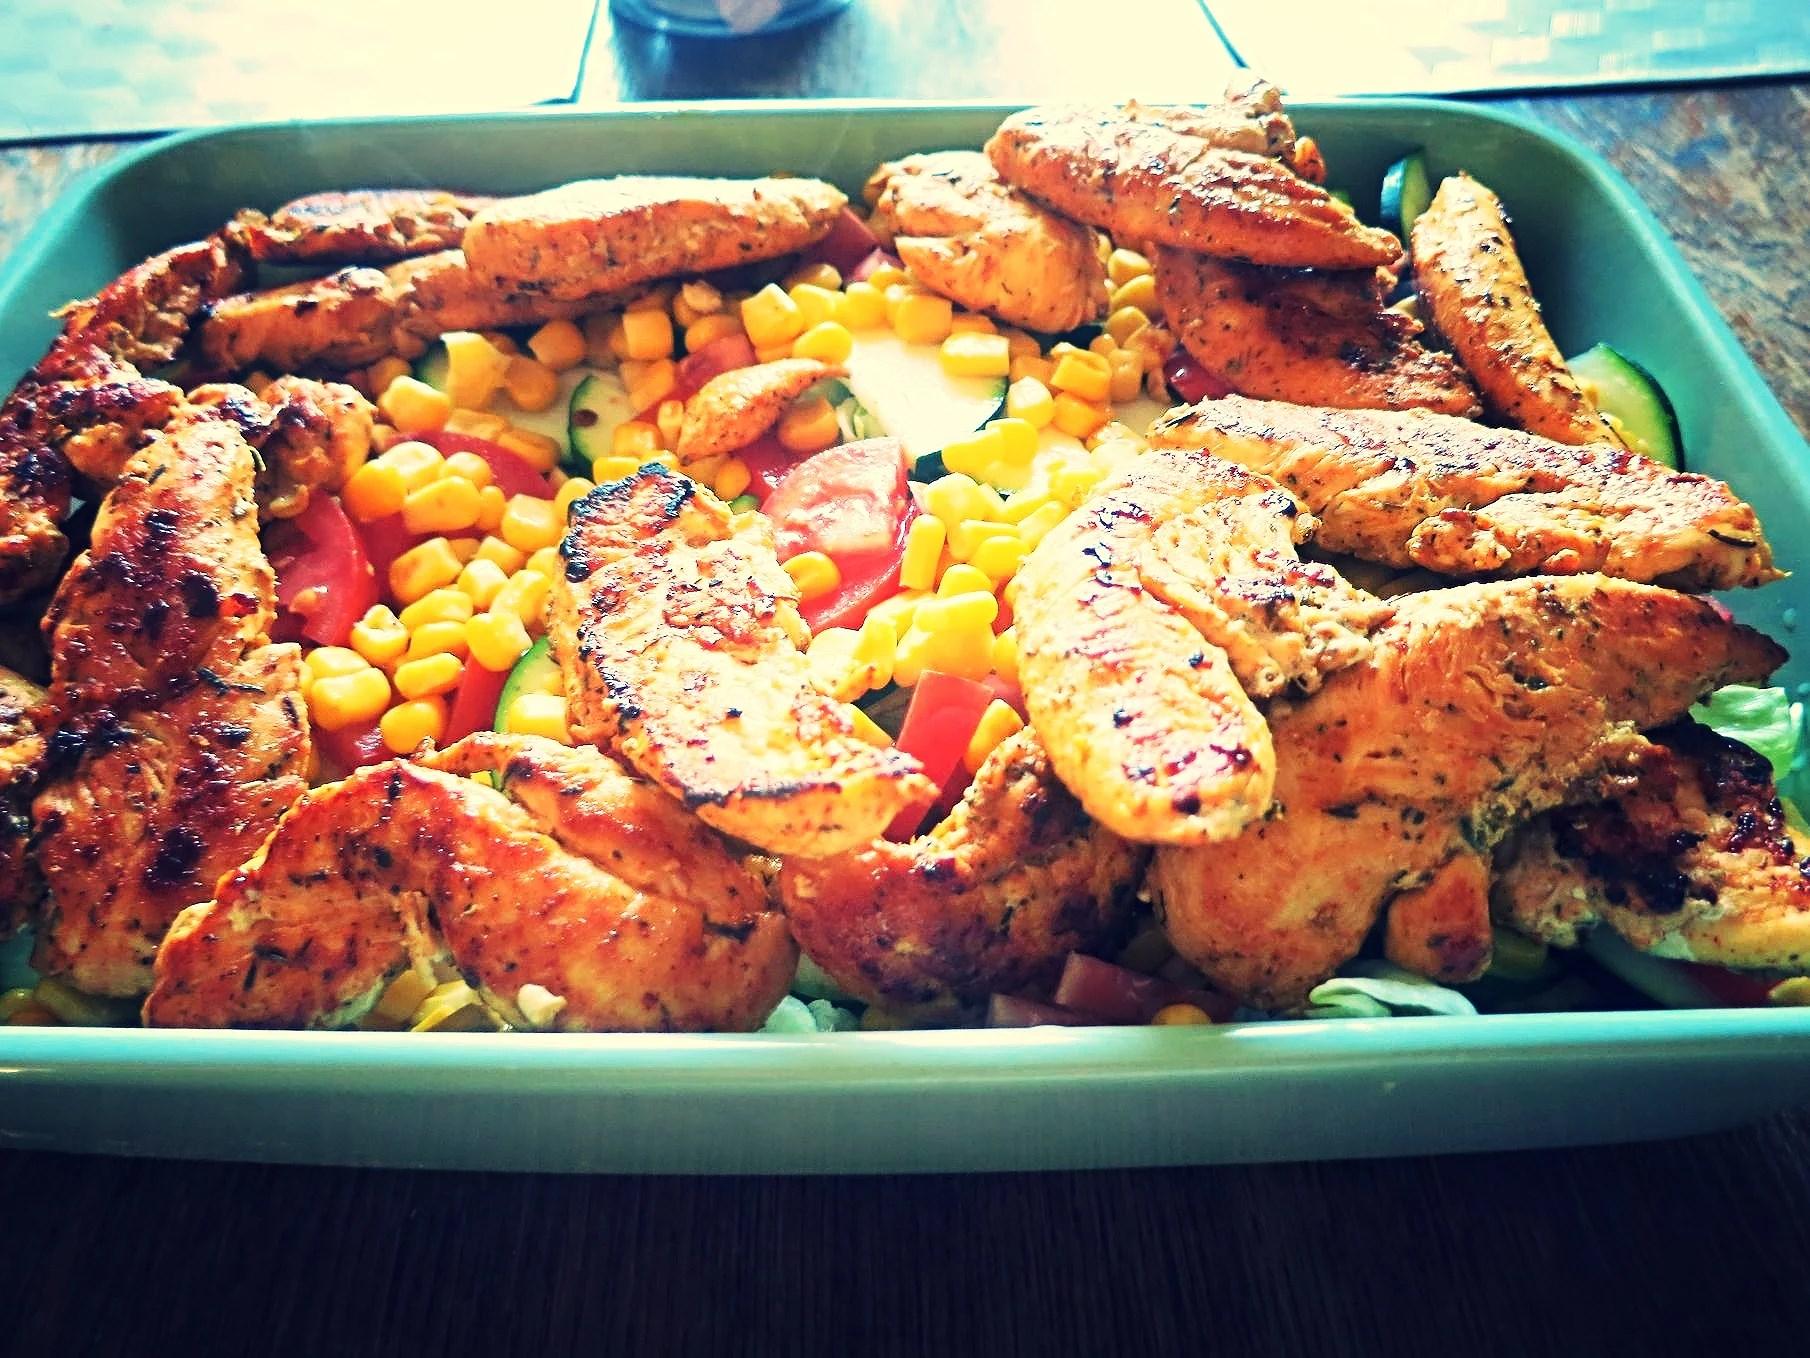 Lättlagad lunch